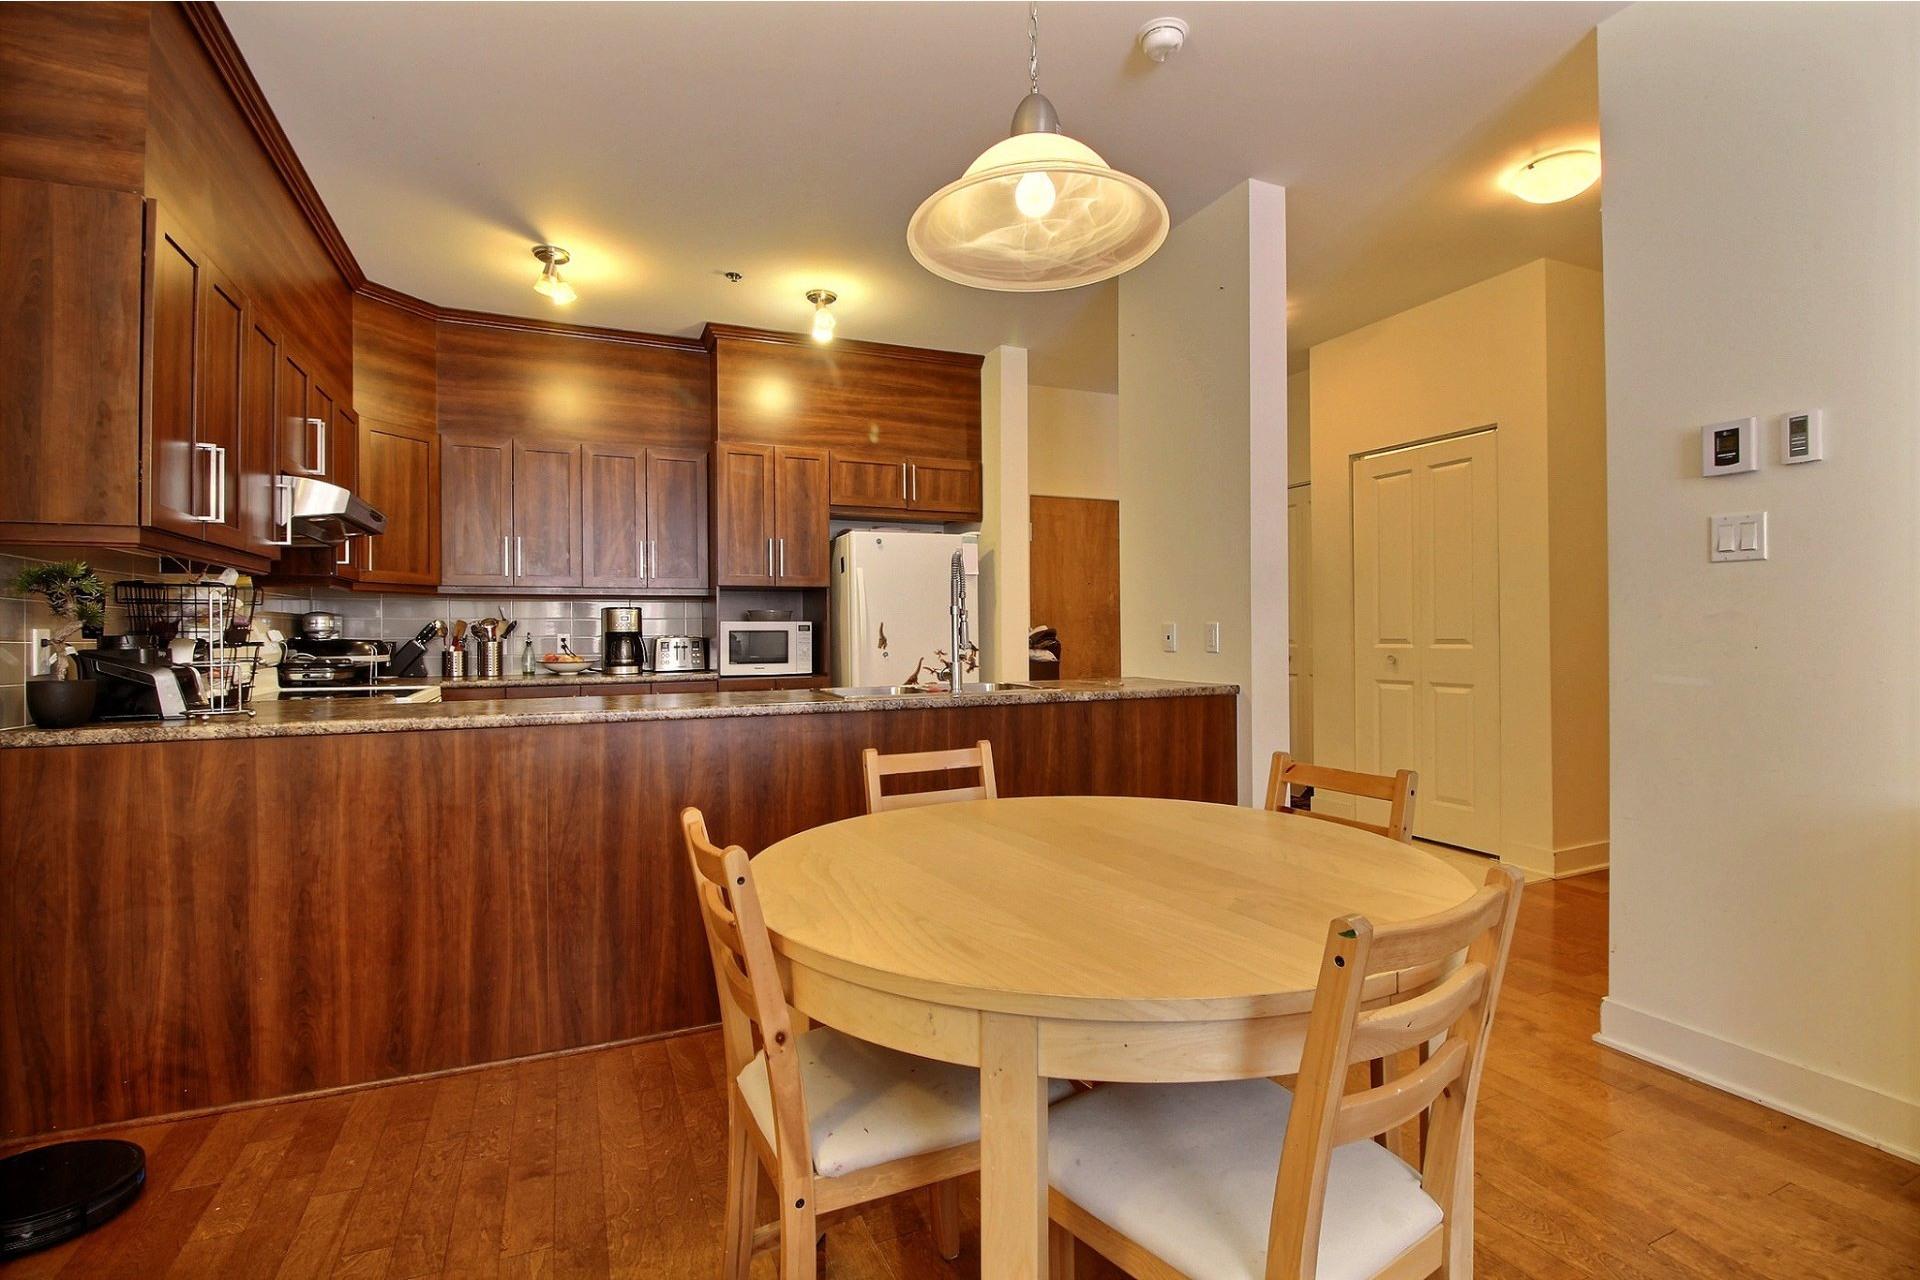 image 4 - Apartment For rent Rivière-des-Prairies/Pointe-aux-Trembles Montréal  - 6 rooms